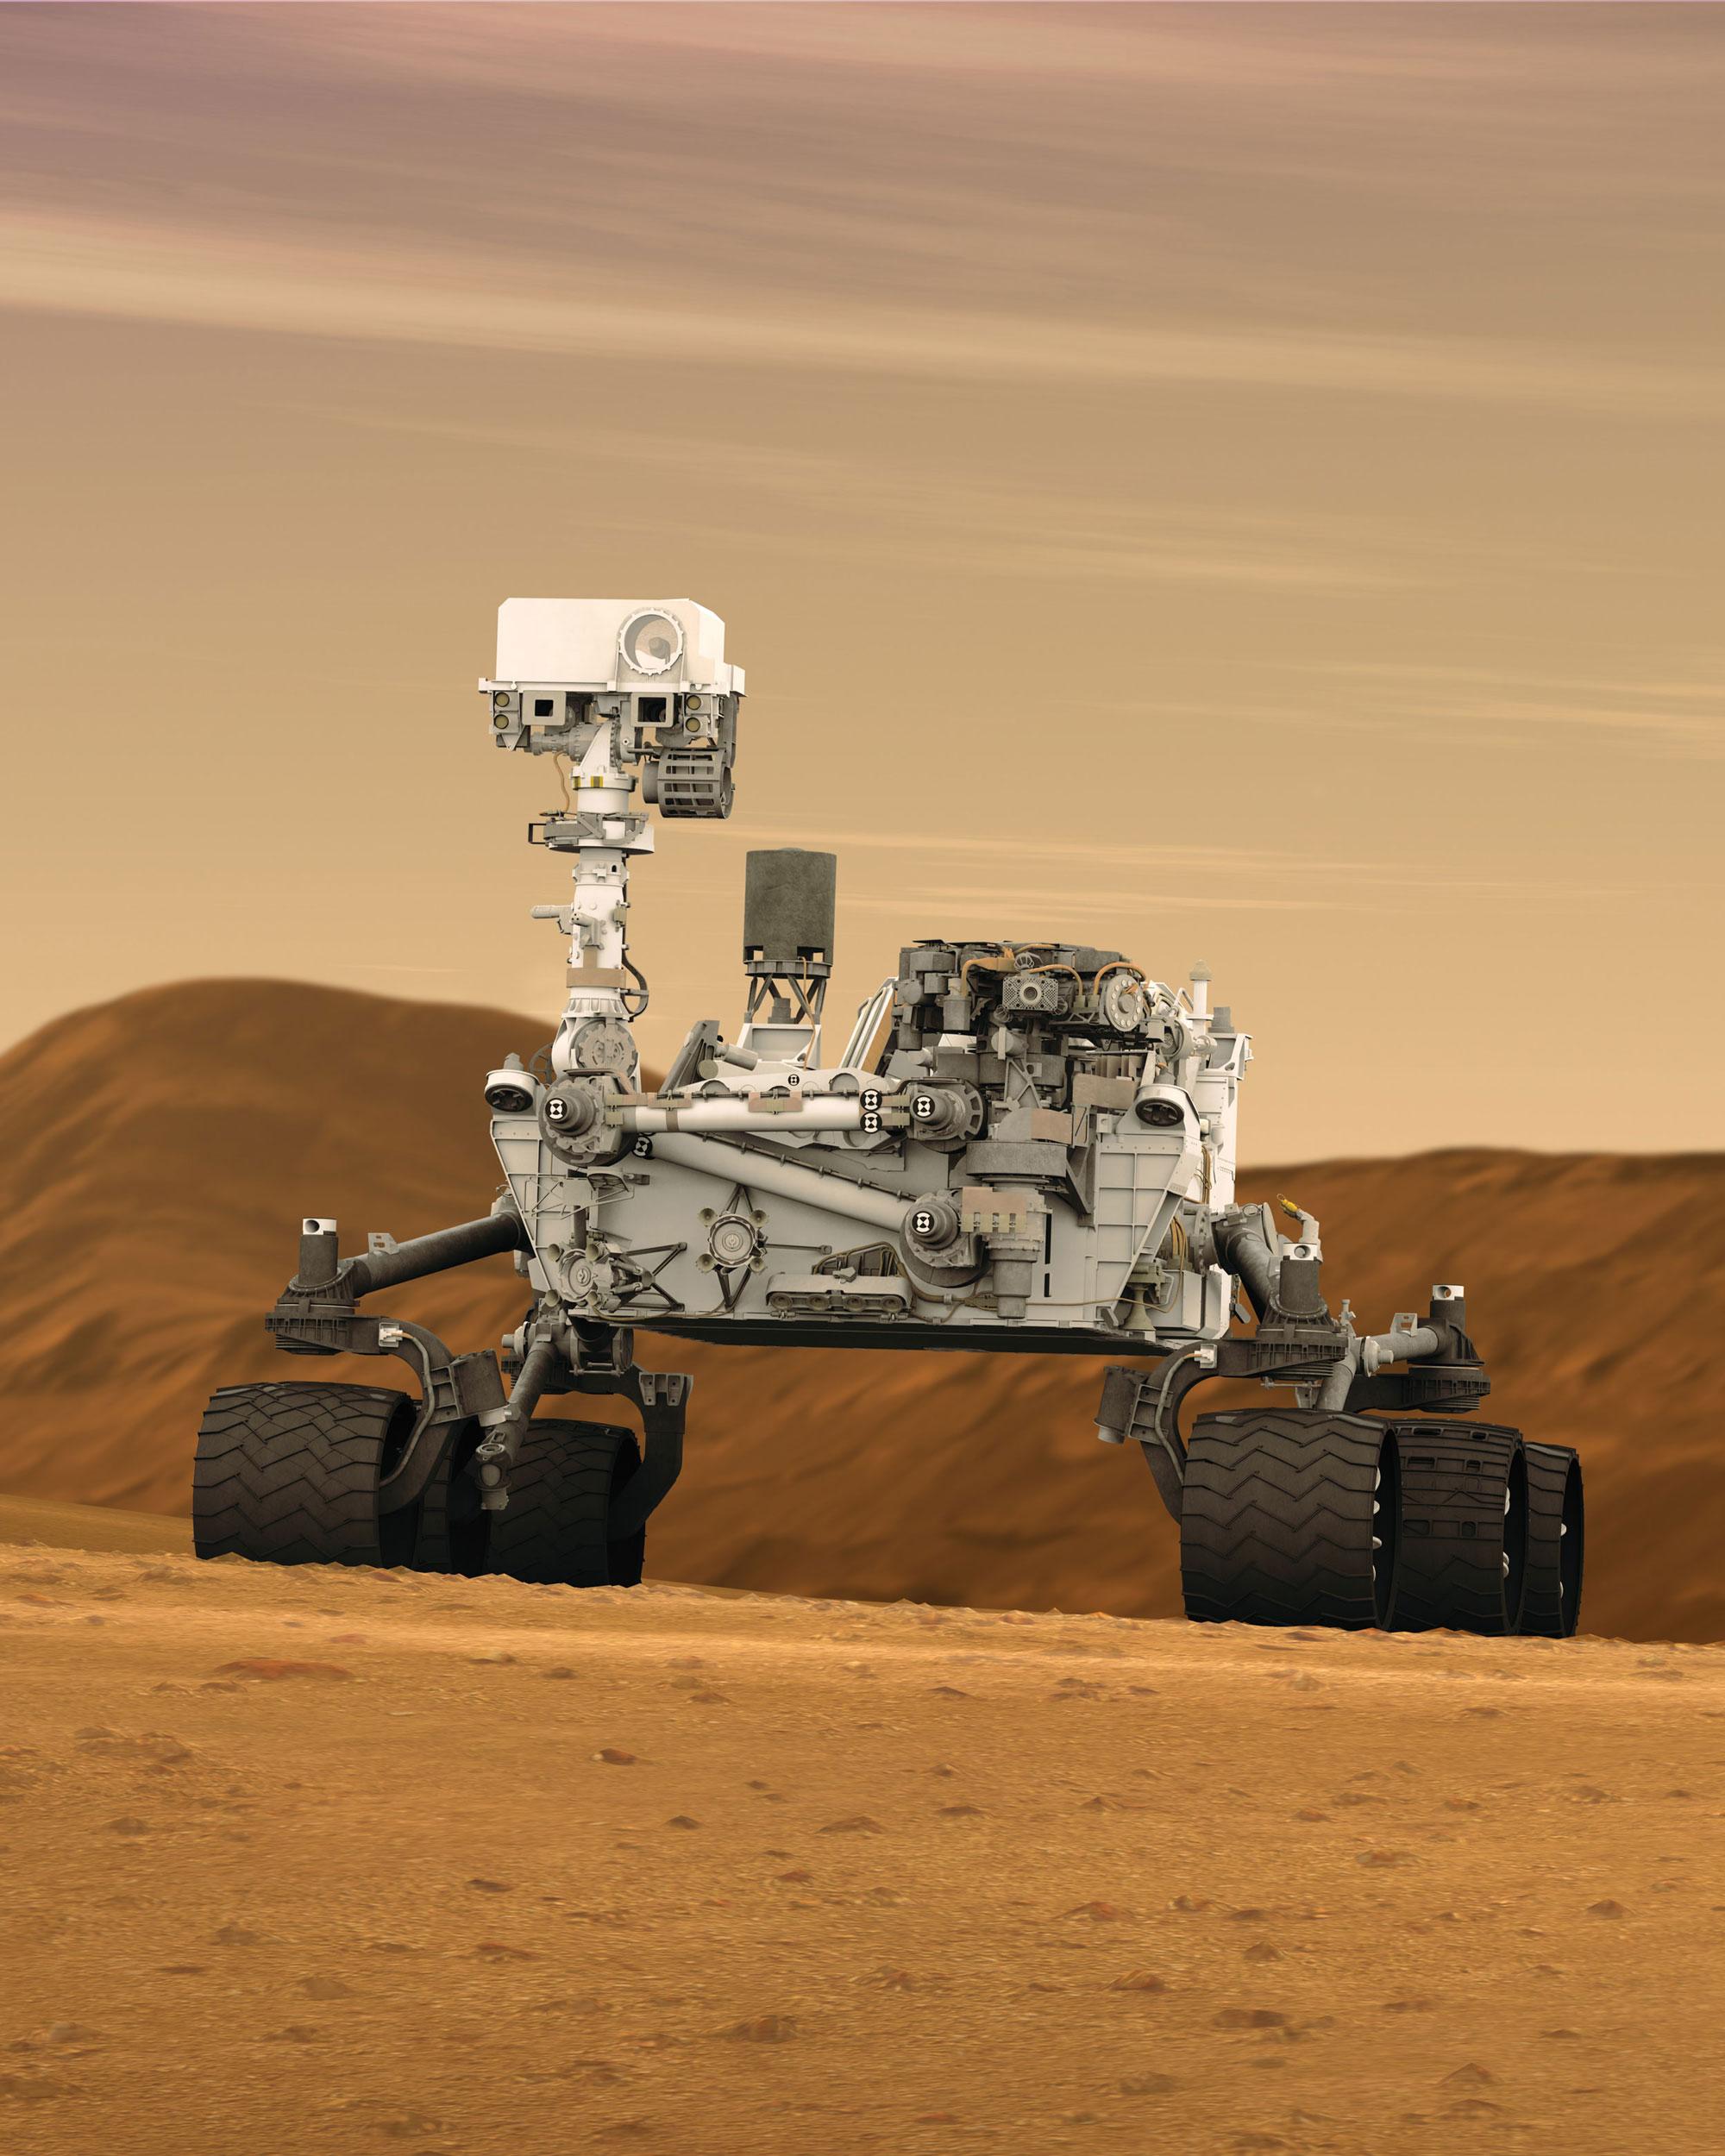 中学 中学 数学一年 : Mars Rover Curiosity